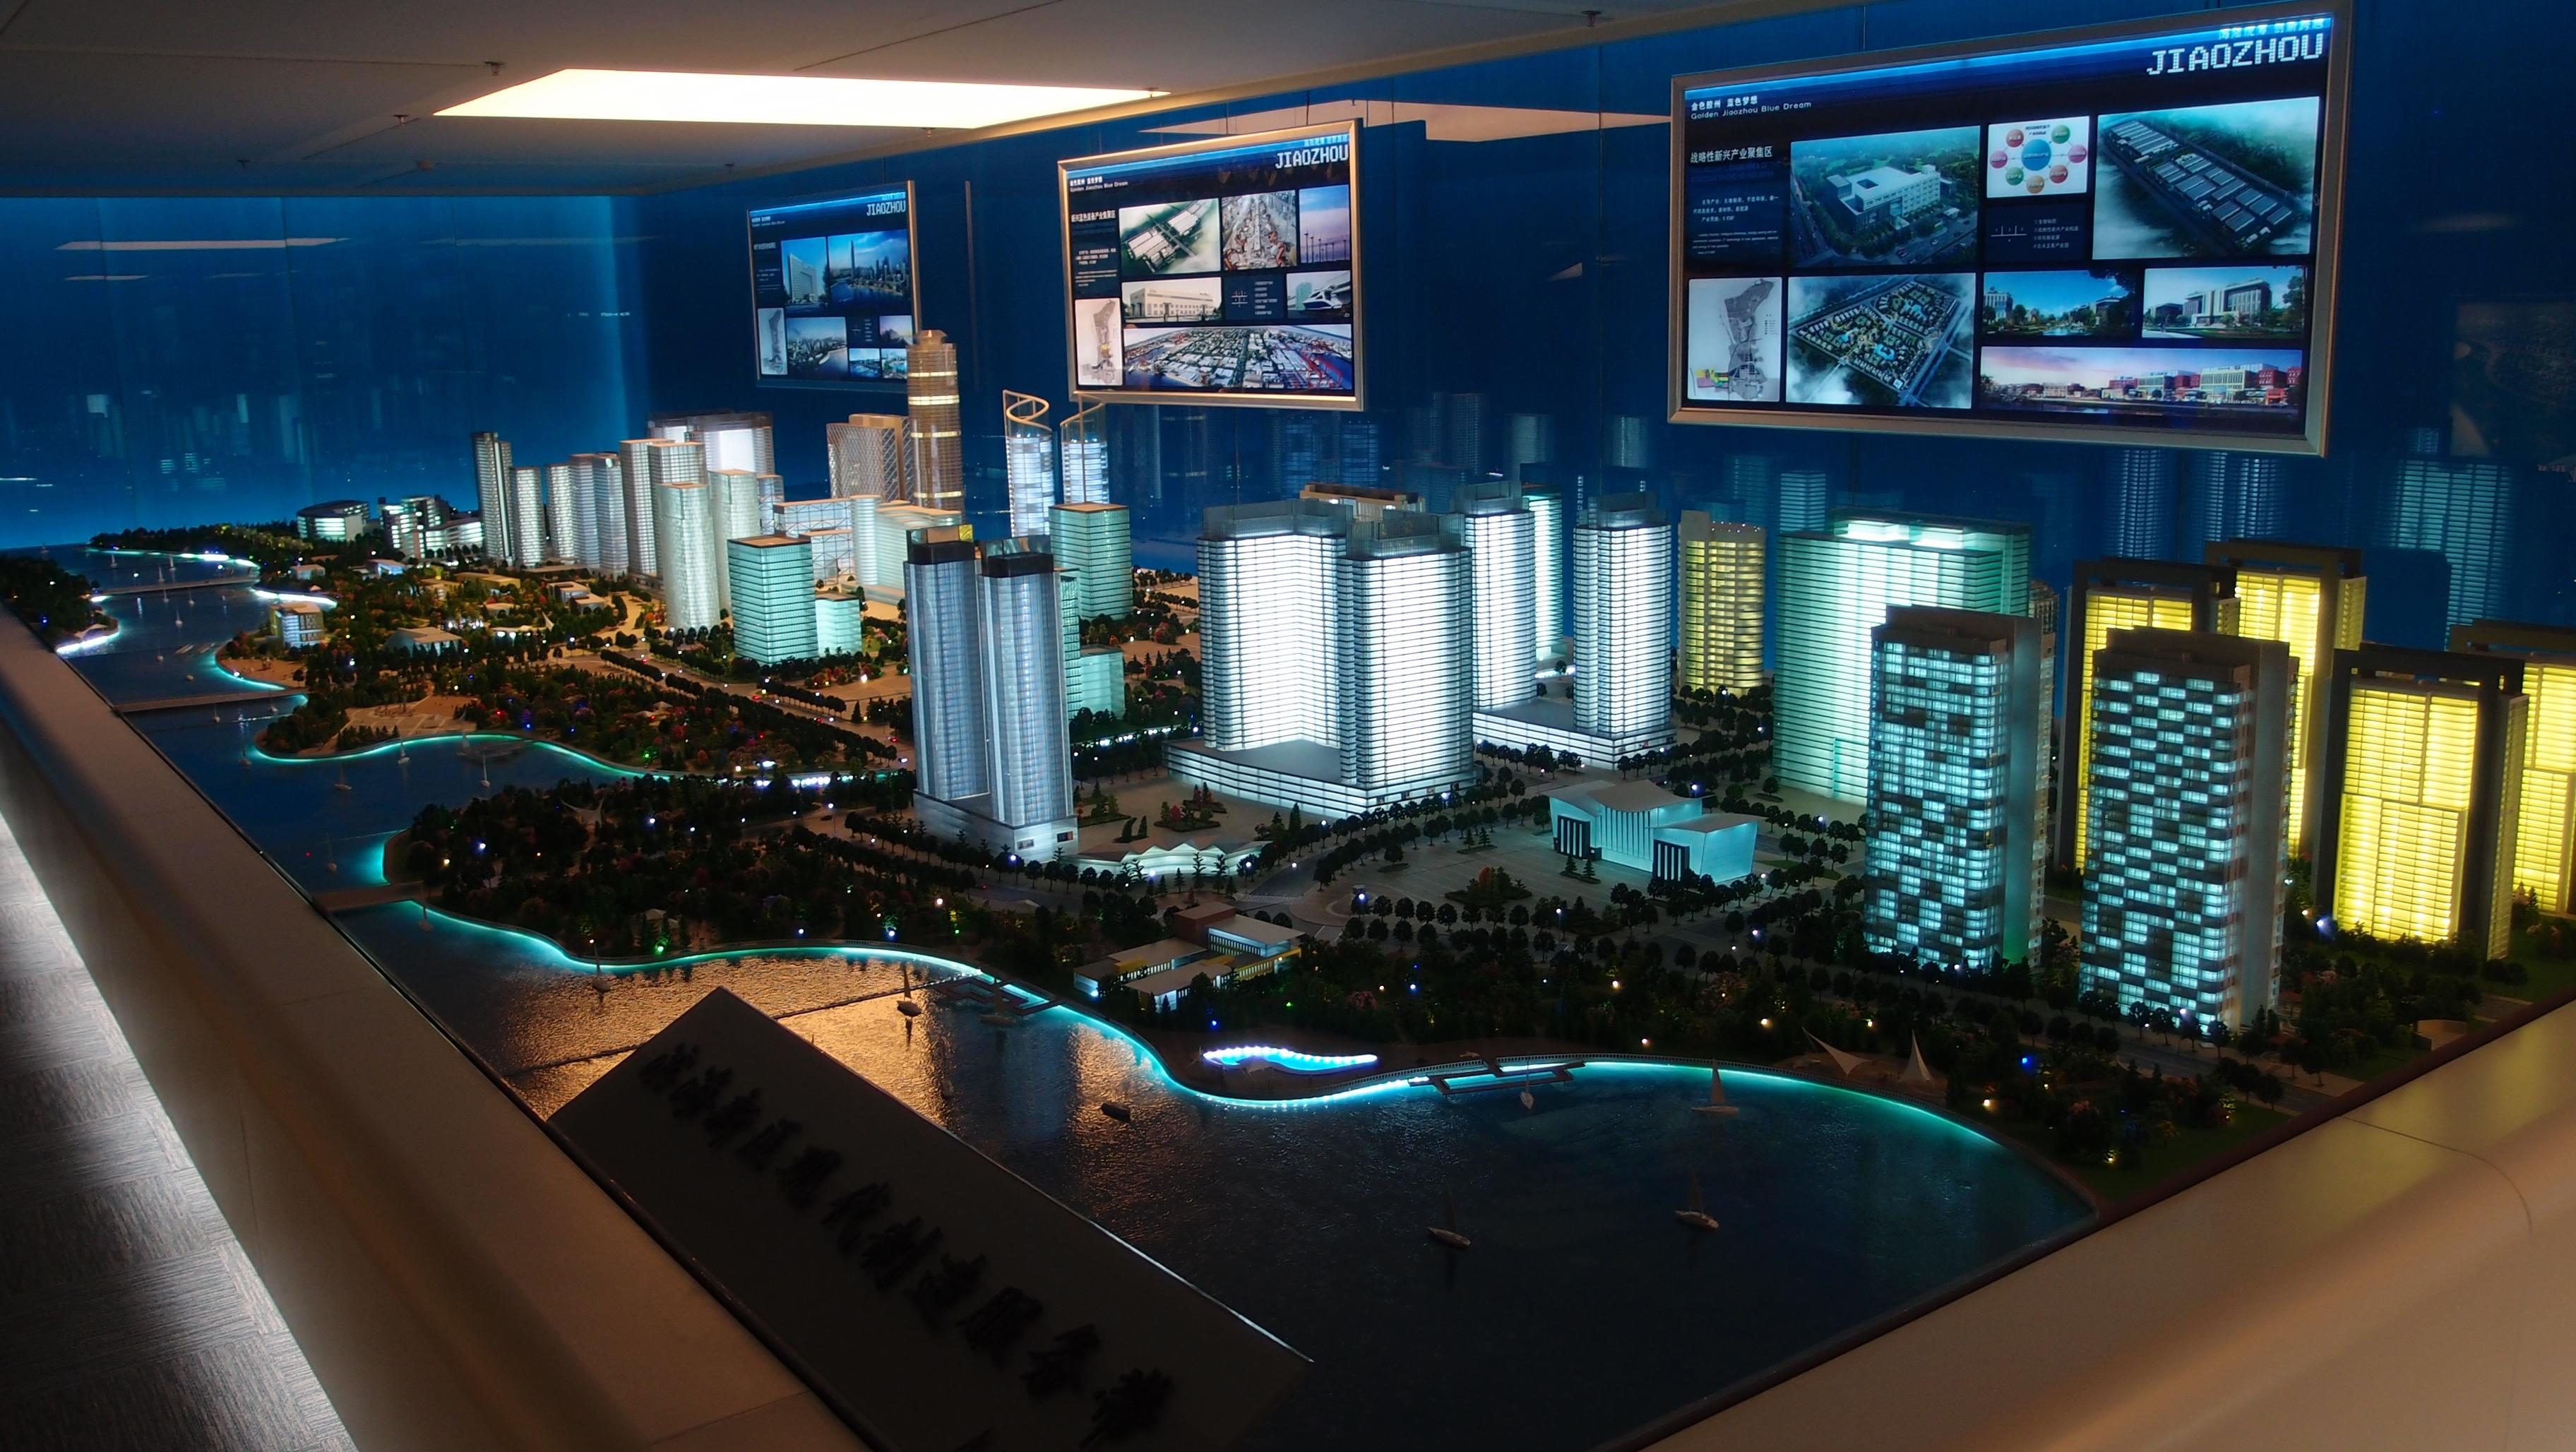 工业模型设计公司,深圳建筑模型制作公司,城市规划沙盘模型制作公司数字沙盘模型公司